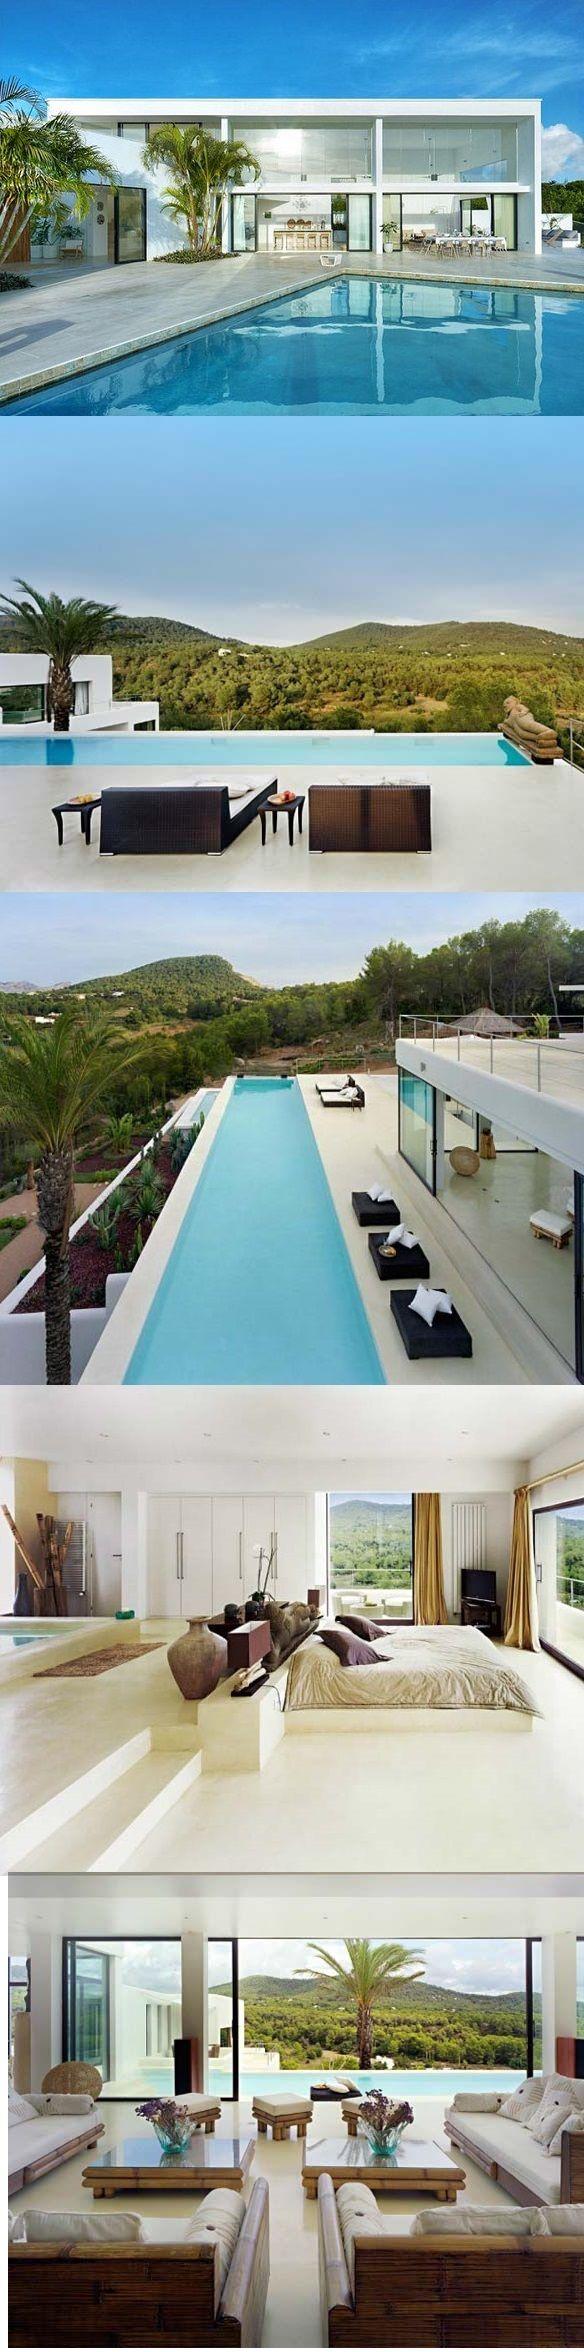 Ibiza's House